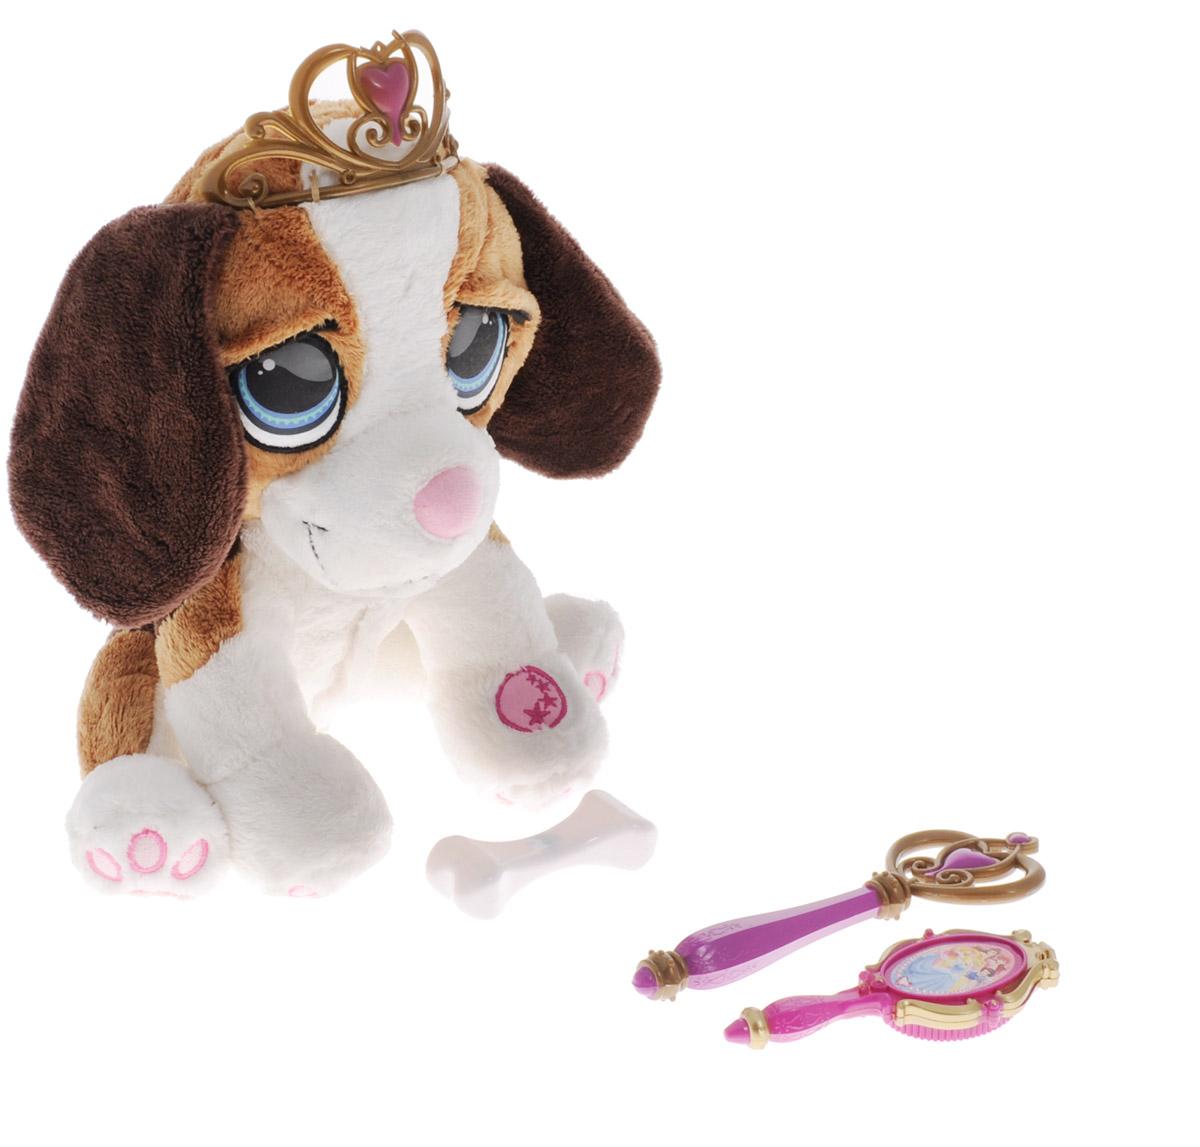 Disney Интерактивная игрушка Щенок принцессы